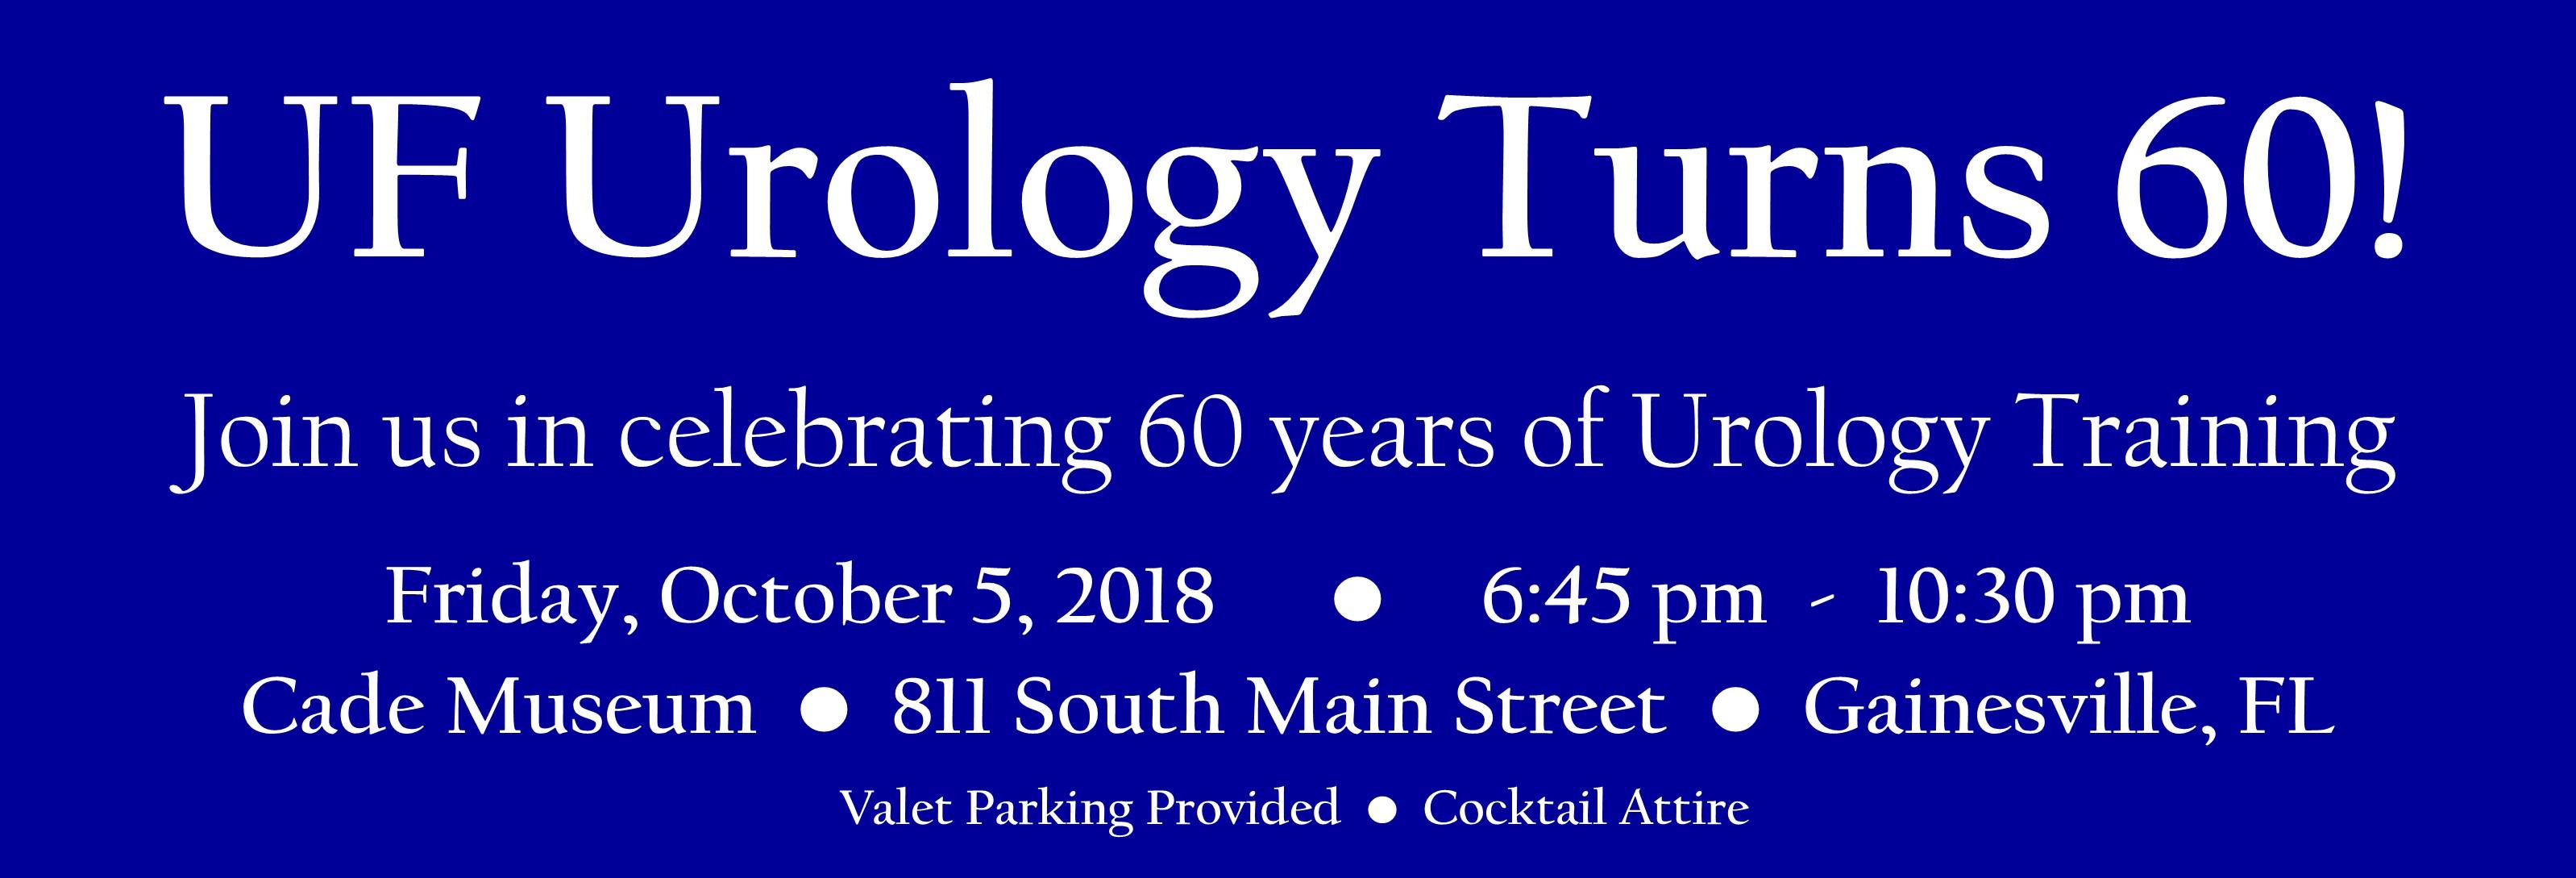 UF Urology Turns 60!